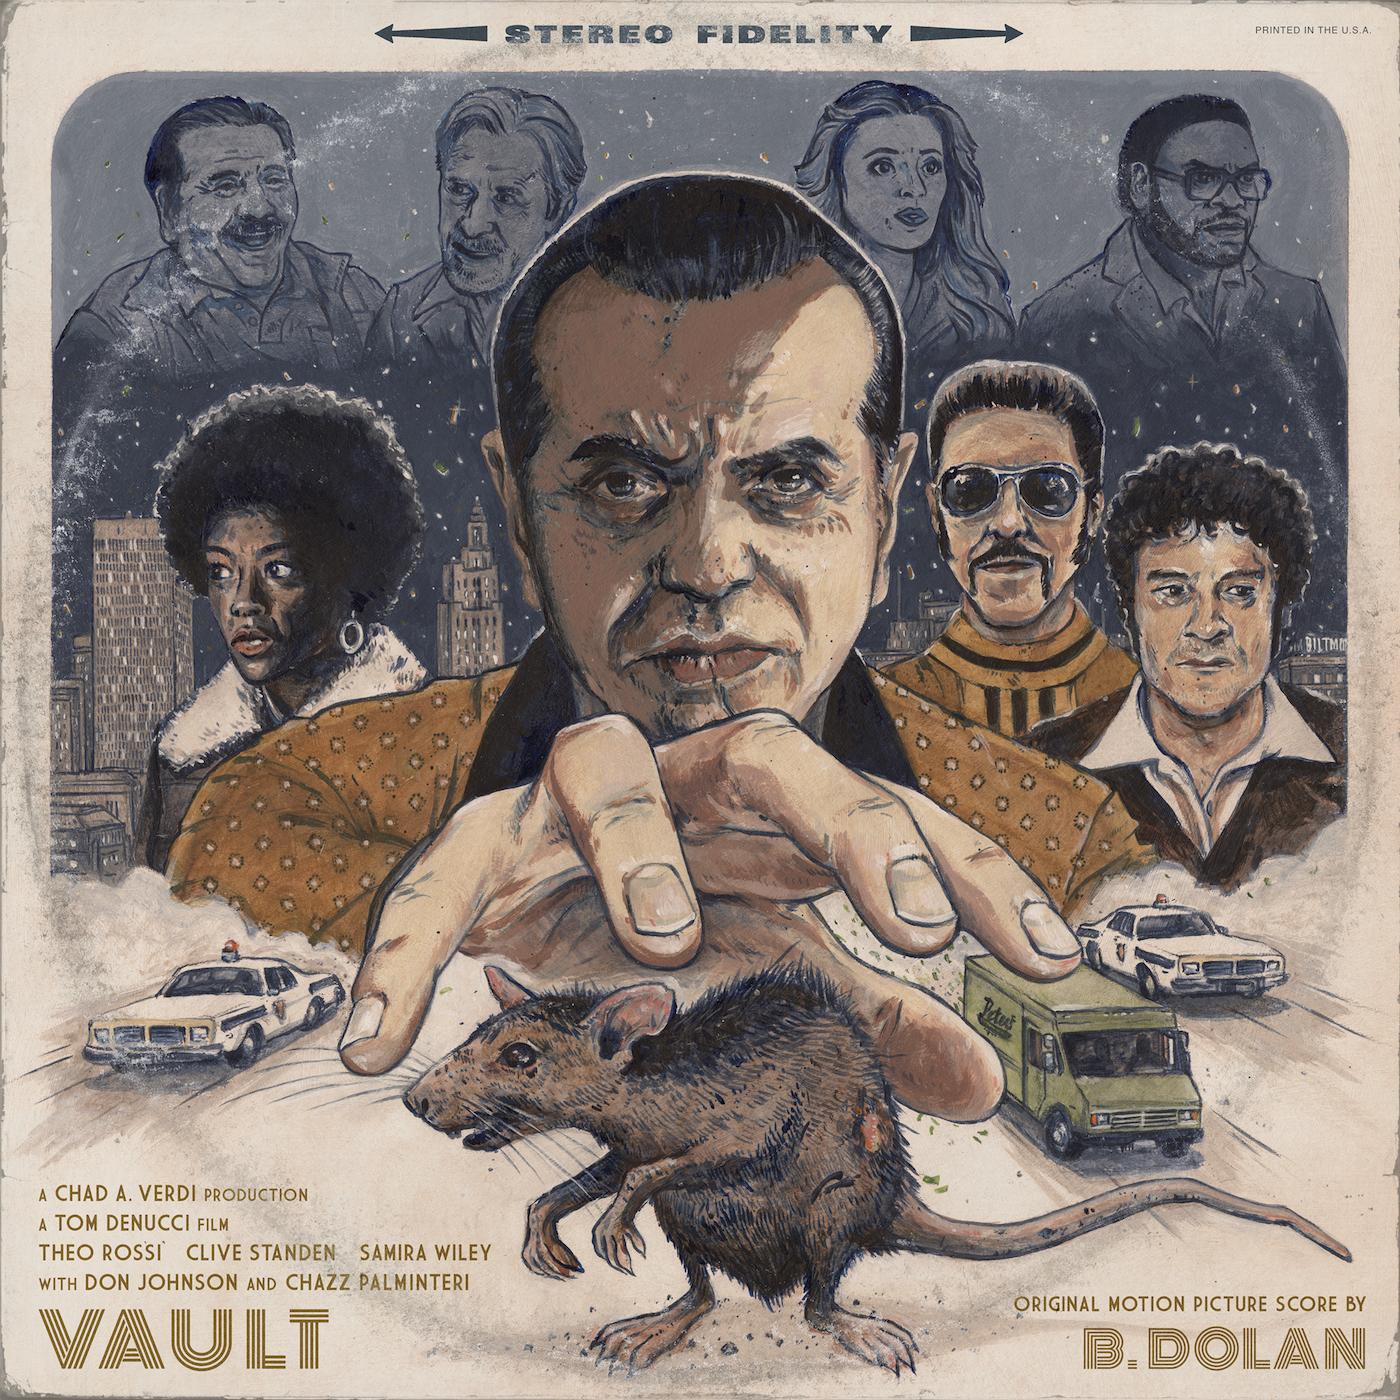 Photo of B. Dolan -